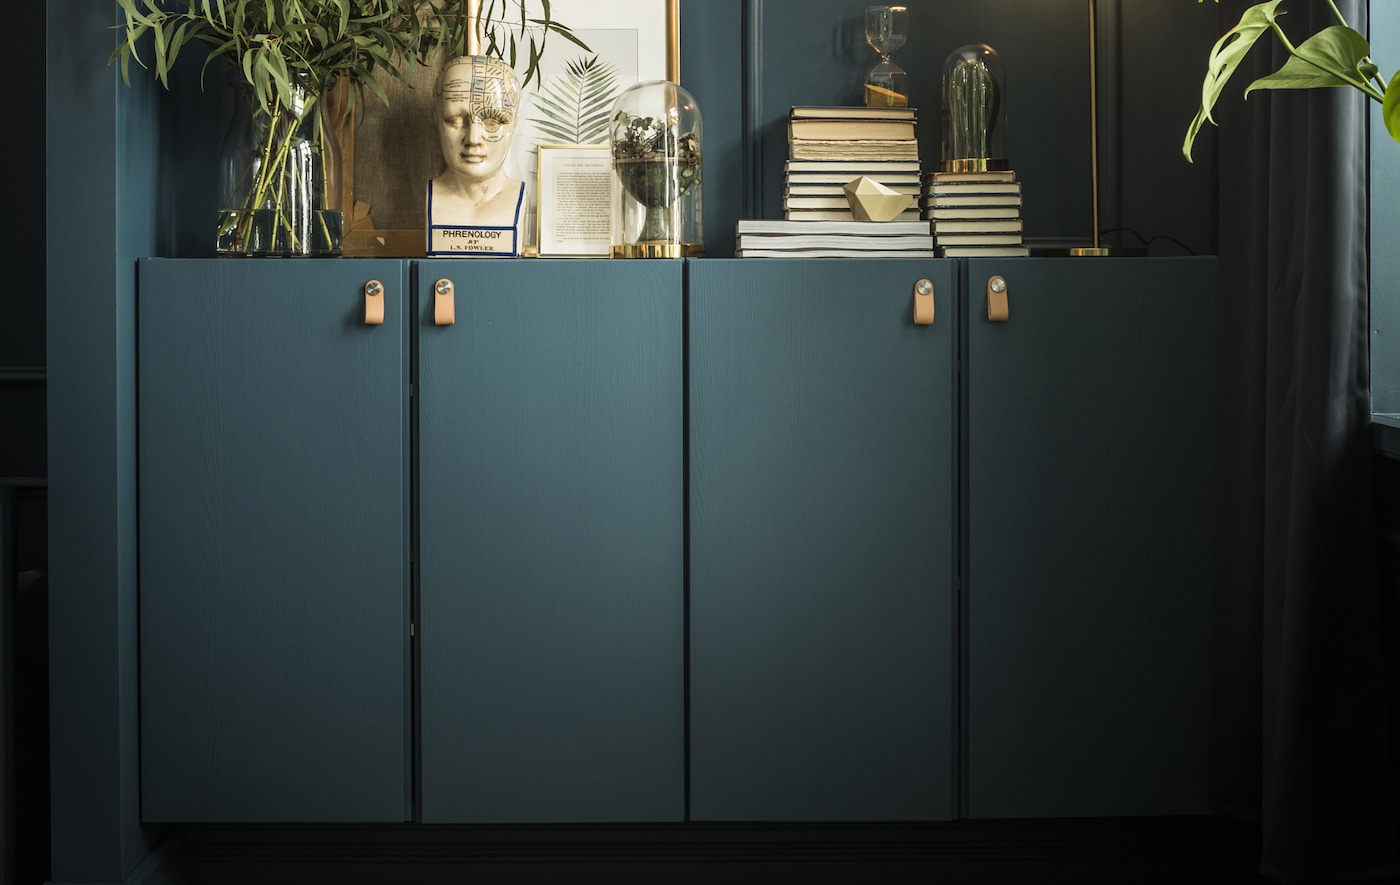 Deux armoires IVAR peintes dans la même teinte que les murs, garnies de livres, œuvres d'art et plantes, avec une lampe posée dessus.